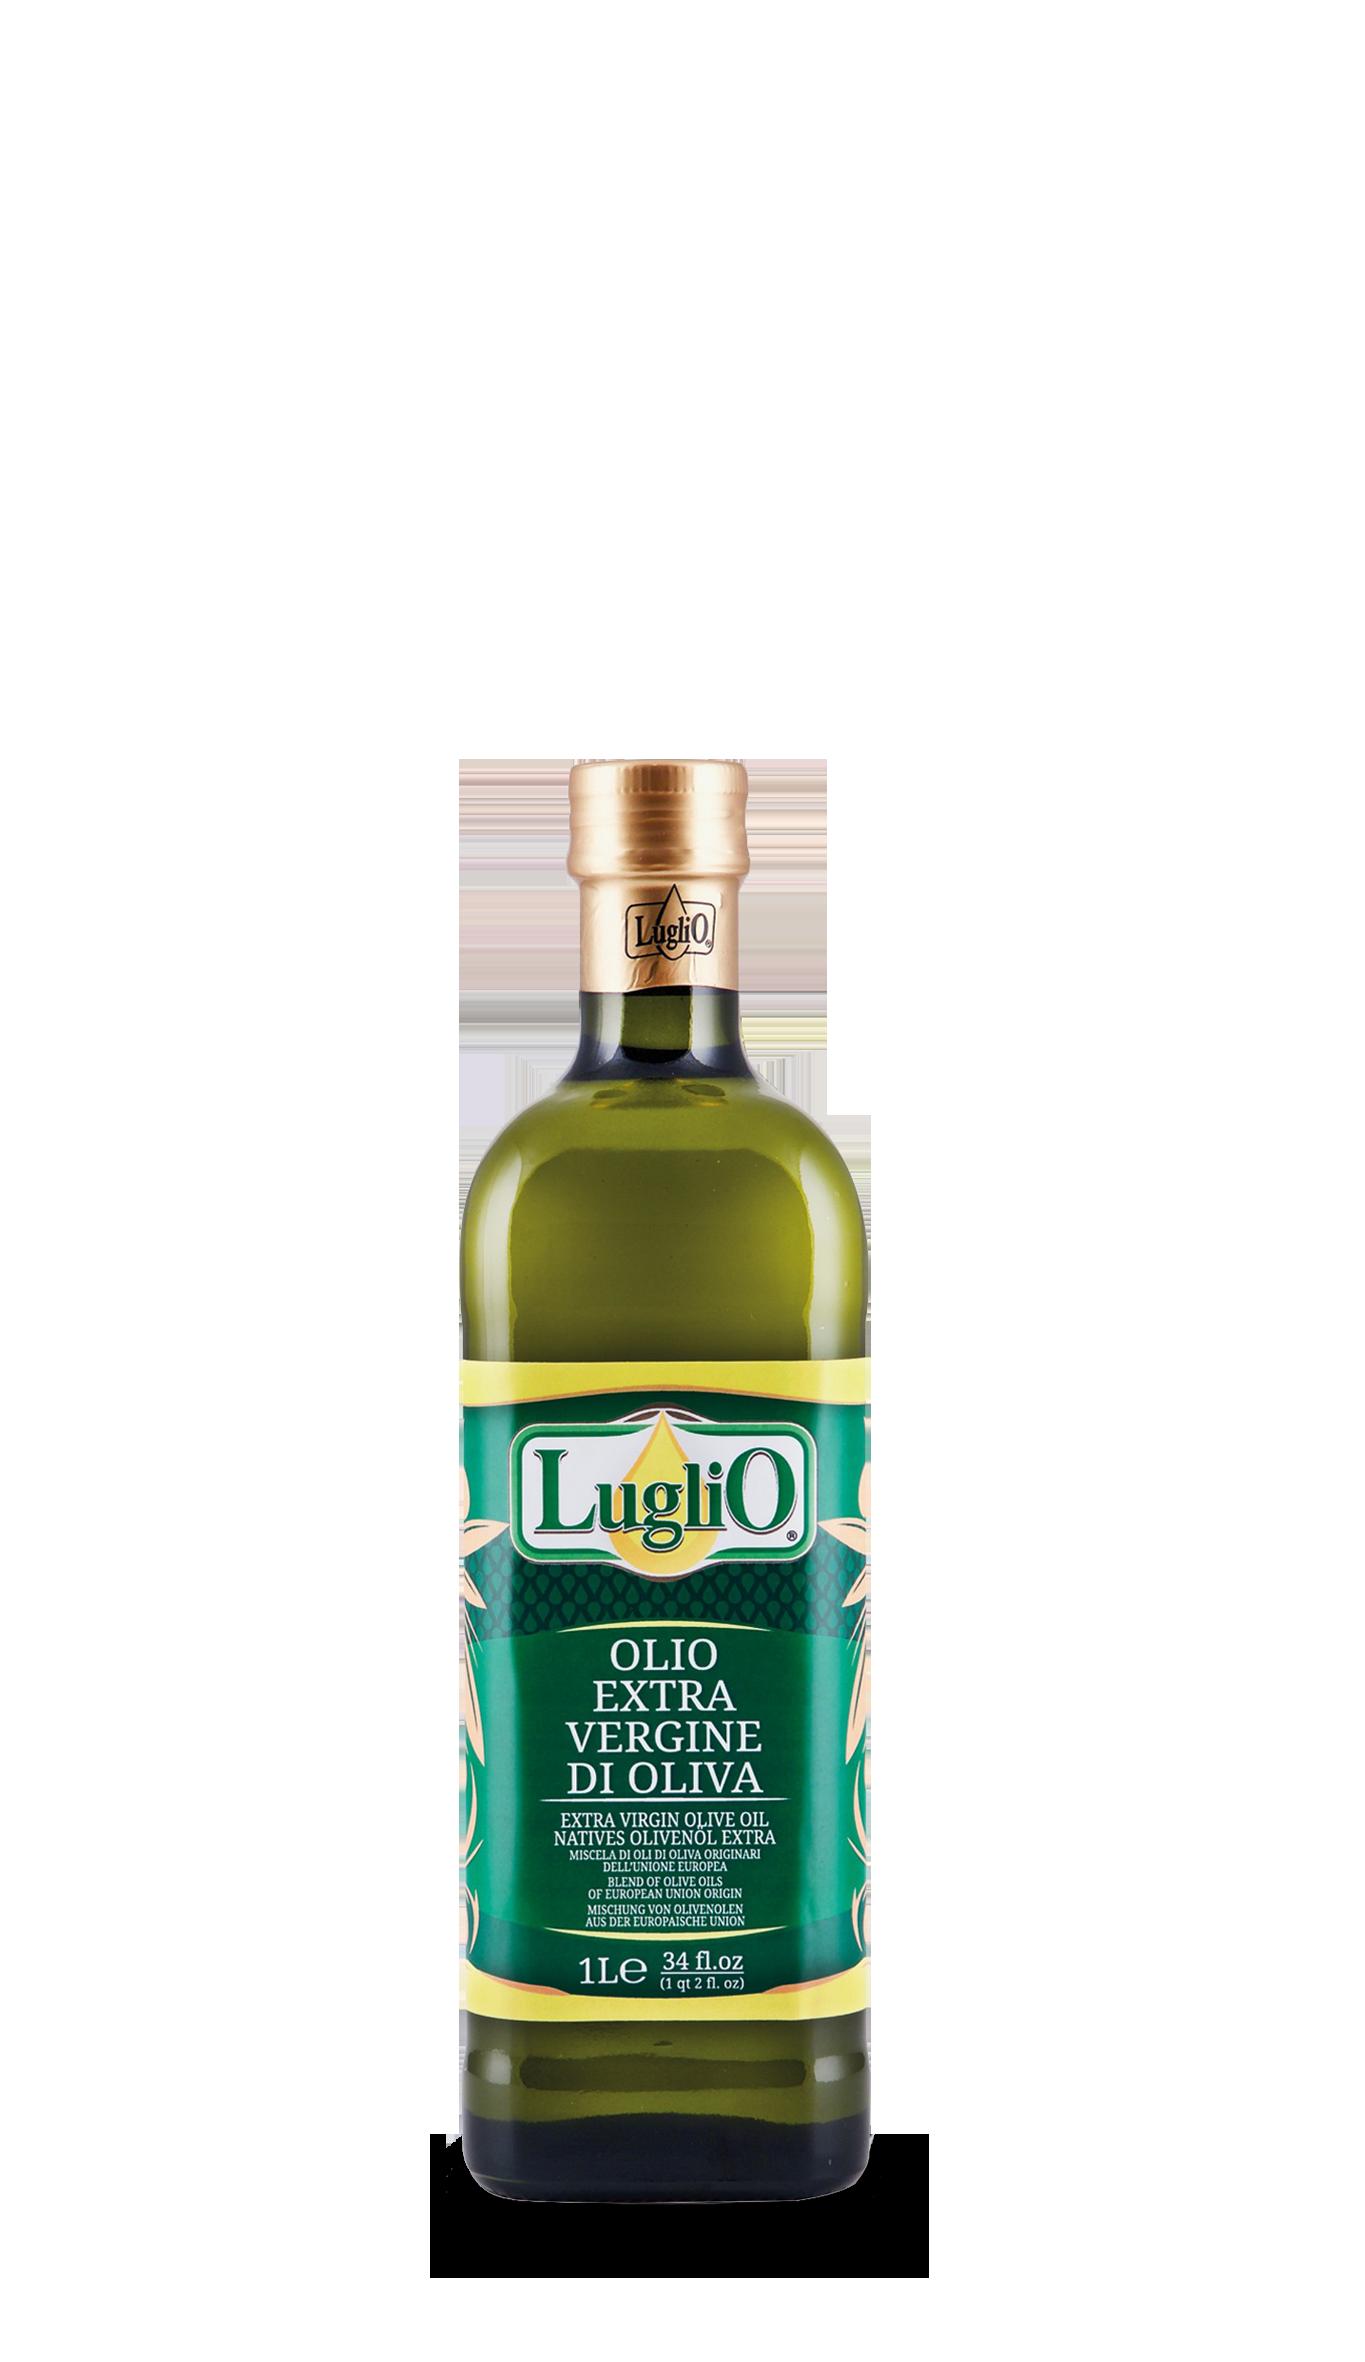 Olio luglio extra vergine comunitario 1L in bottiglia di vetro